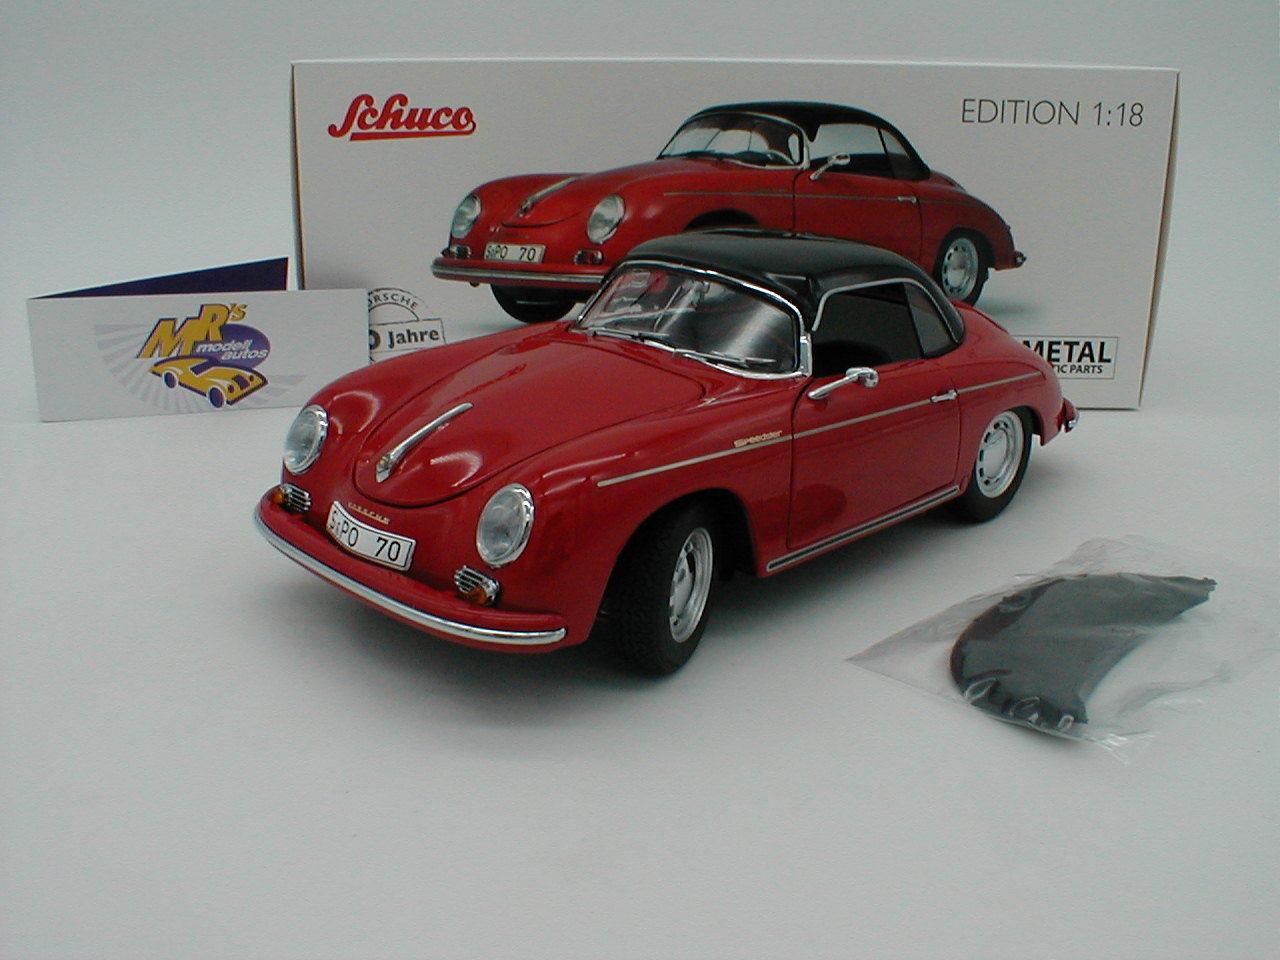 Schuco 00313 - Porsche Porsche Porsche 356 A Carrera Speedster Baujahr 1953 in   red   1 18 NEU 63cc57